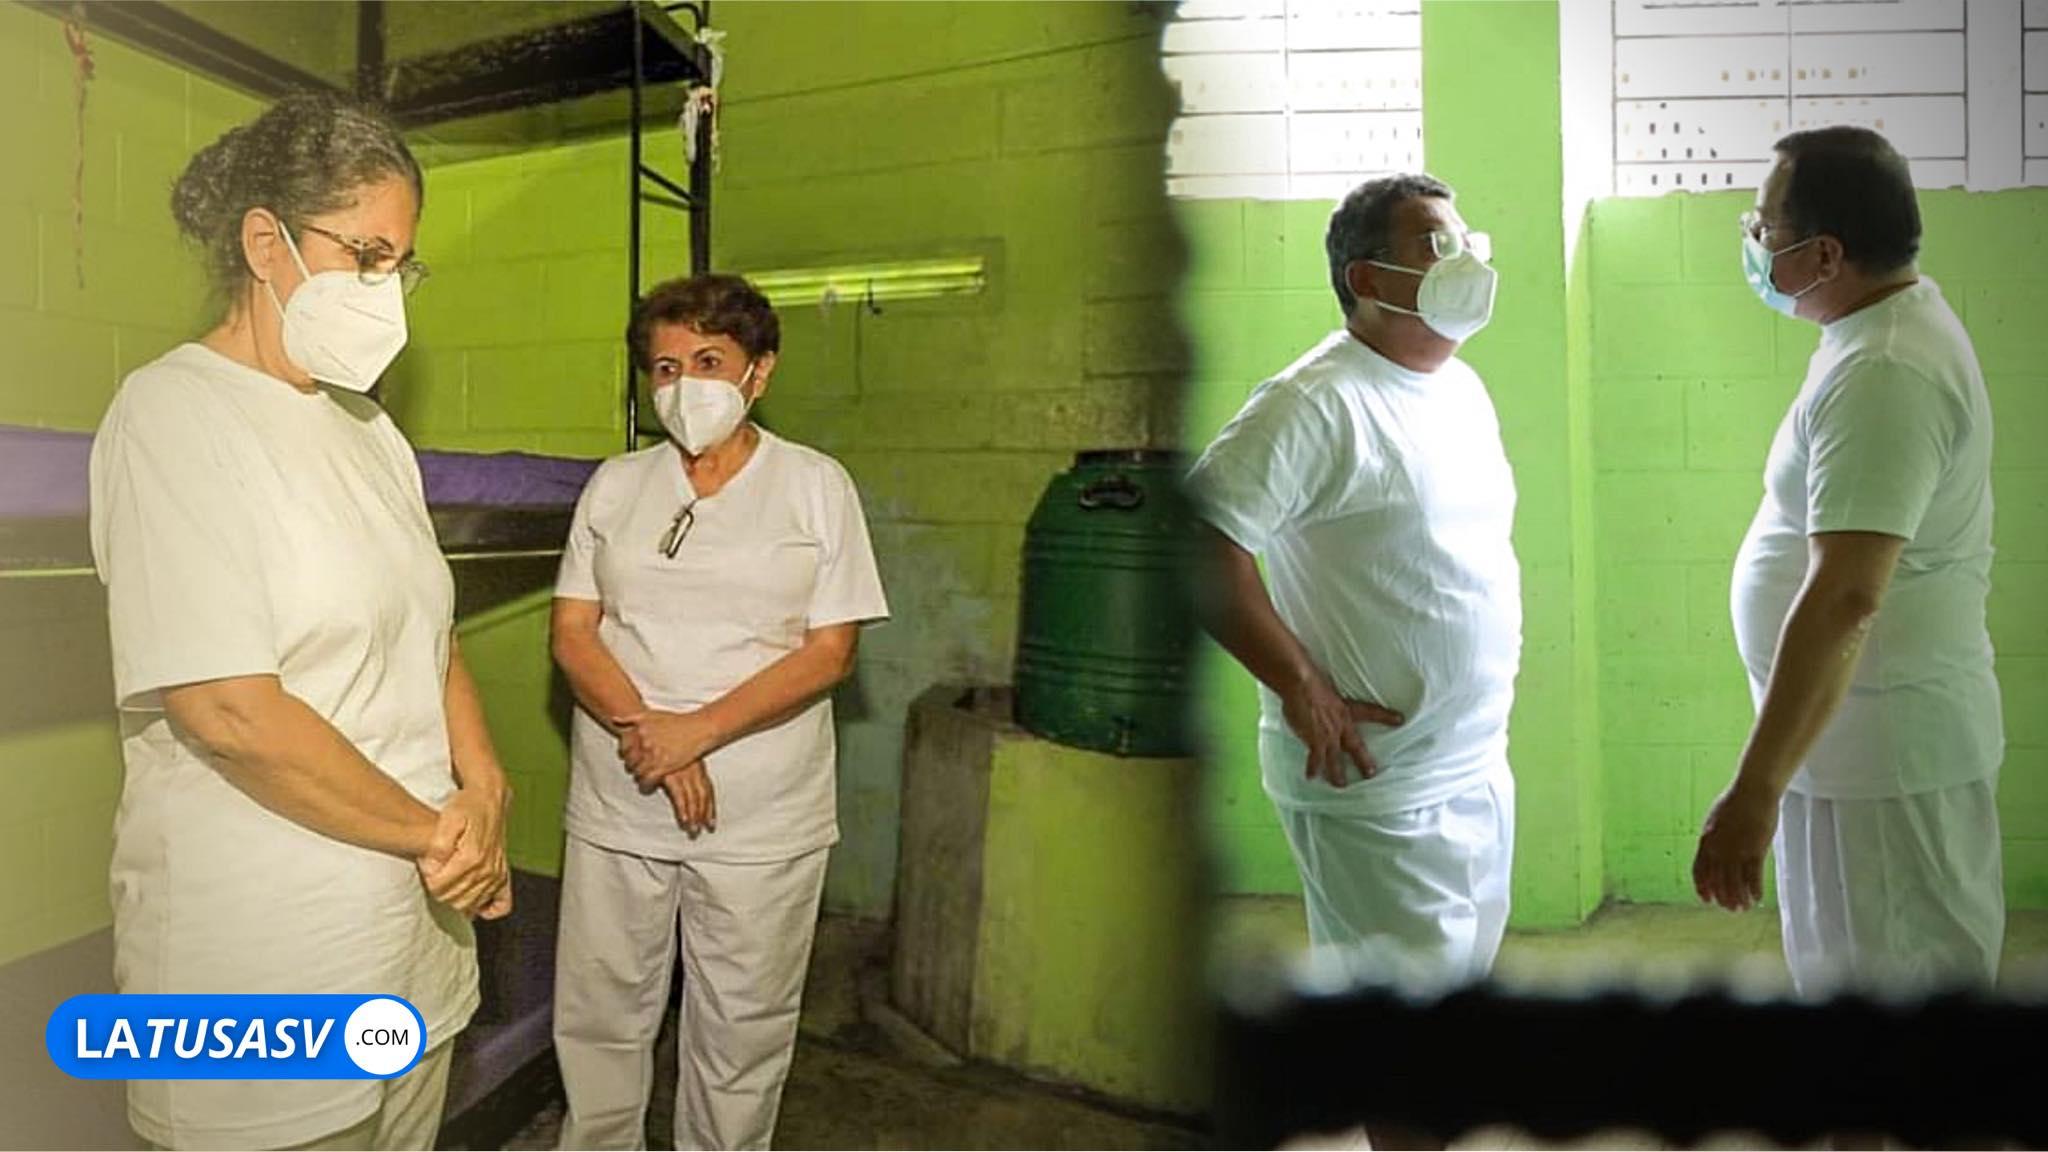 Así se encuentran ex ministros del FMLN ya en sus celdas disfrutando su estadía por haberle robado al pueblo salvadoreño